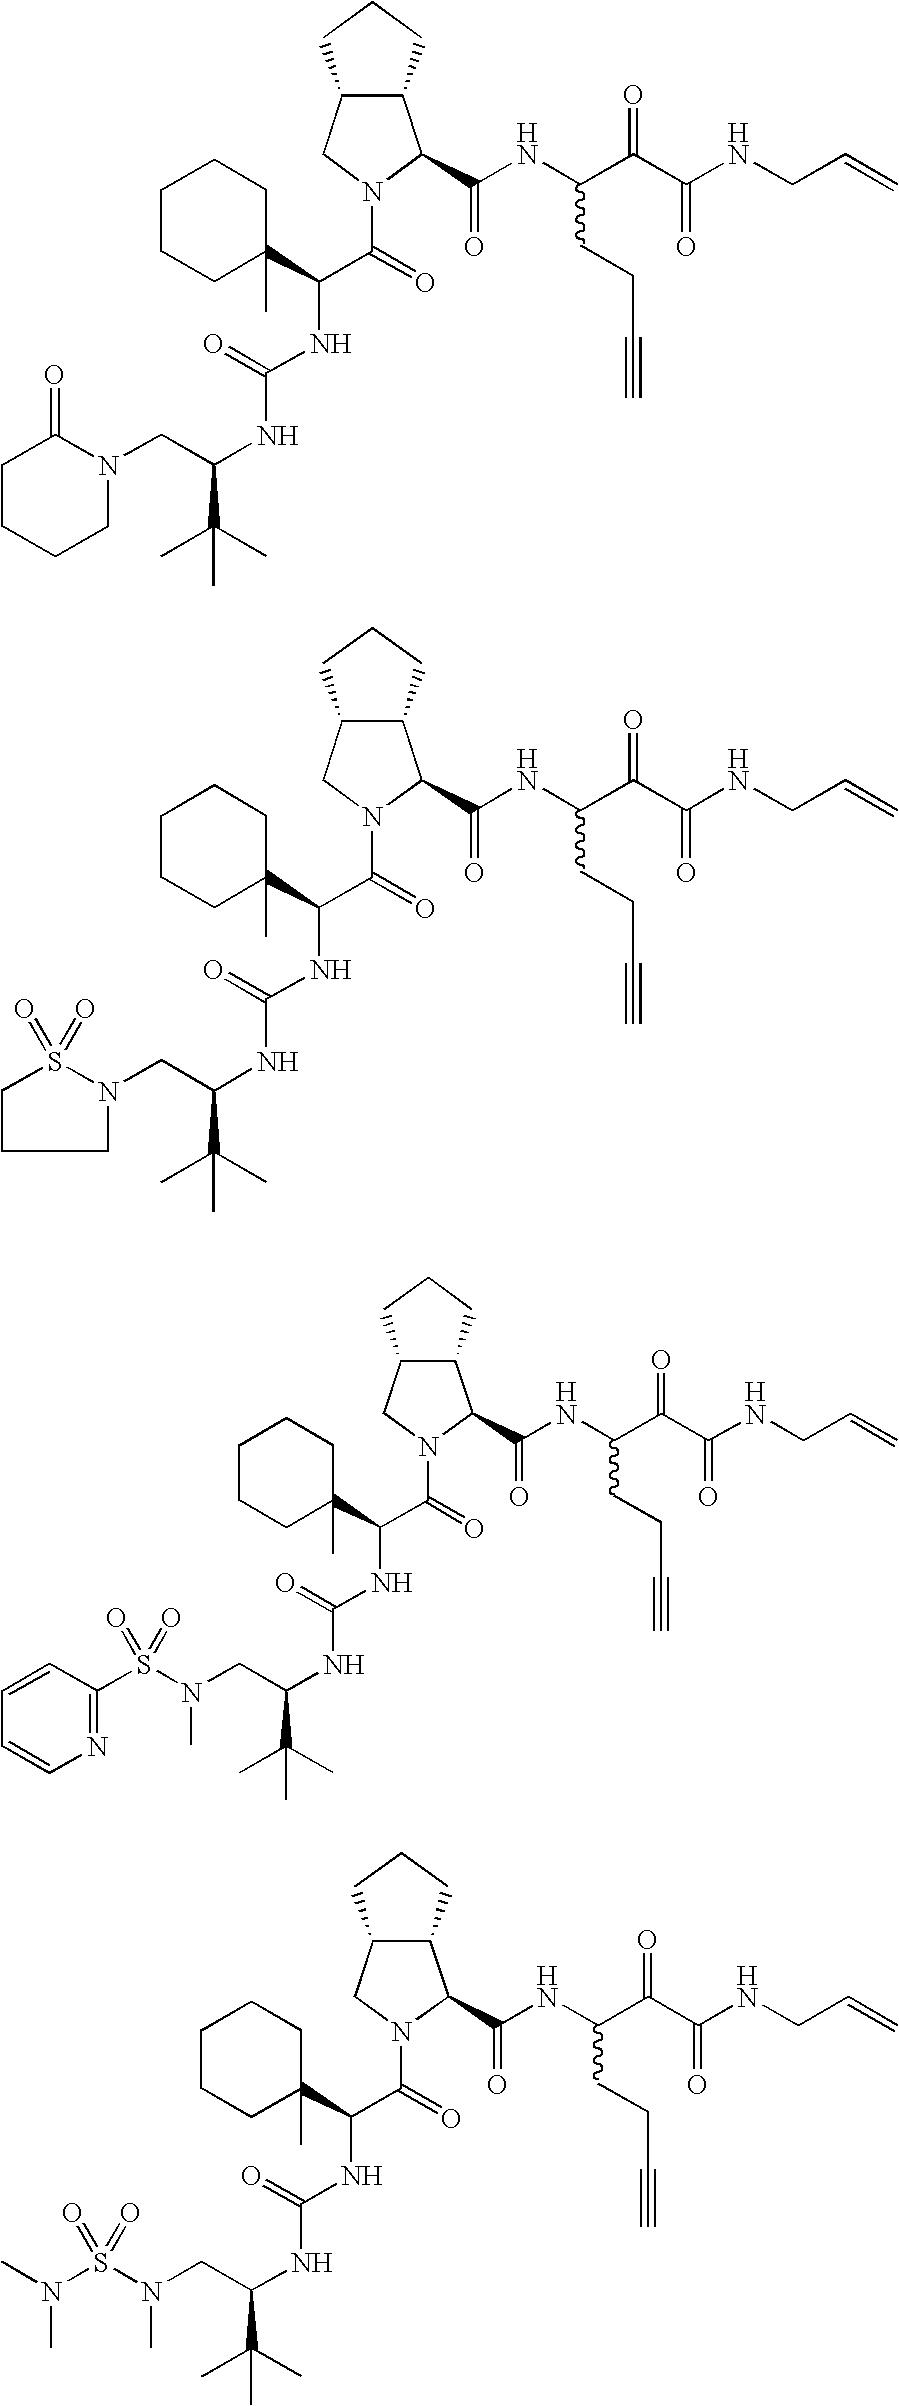 Figure US20060287248A1-20061221-C00550